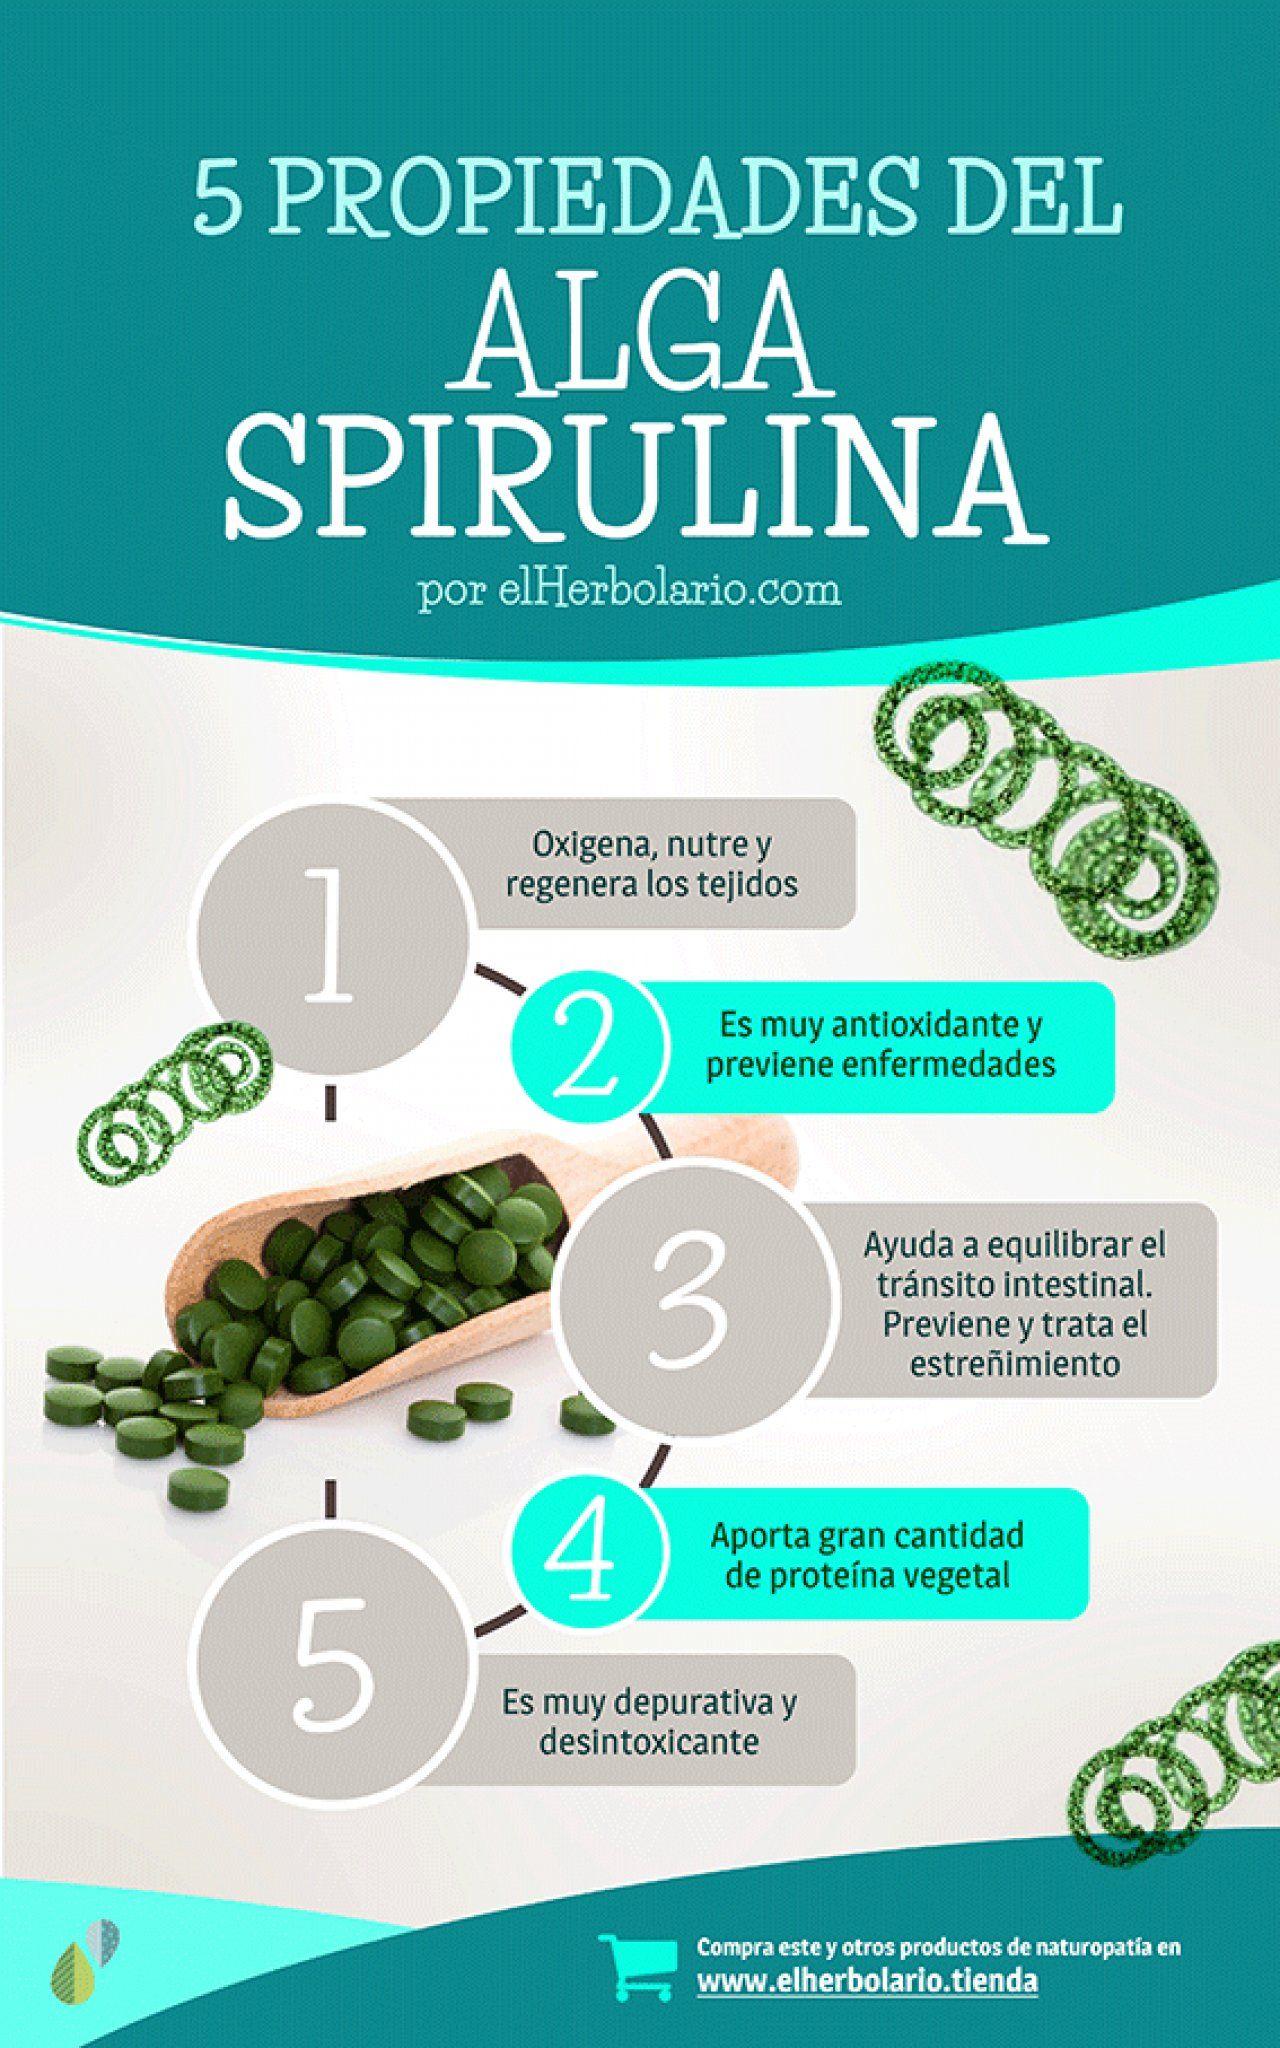 30 Ideas De Beneficios De La Espirulina En 2021 Espirulina Espirulina Beneficios Beneficios De Alimentos